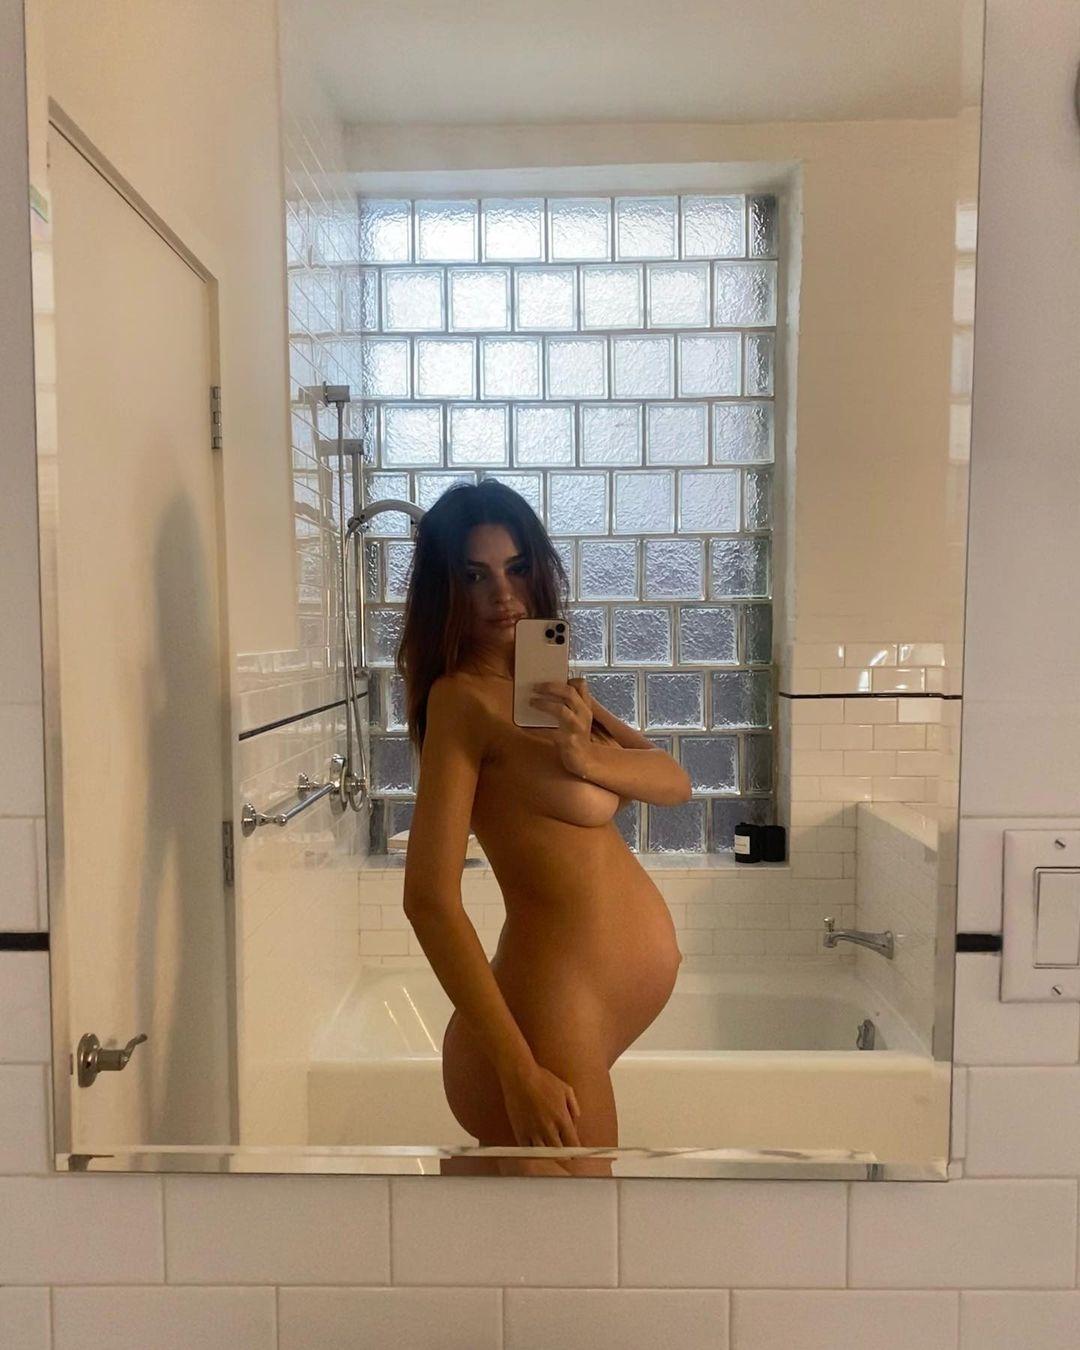 Идеальная фигура: беременная Эмили Ратаковски снялась полностью обнаженной (ФОТО) - фото №2